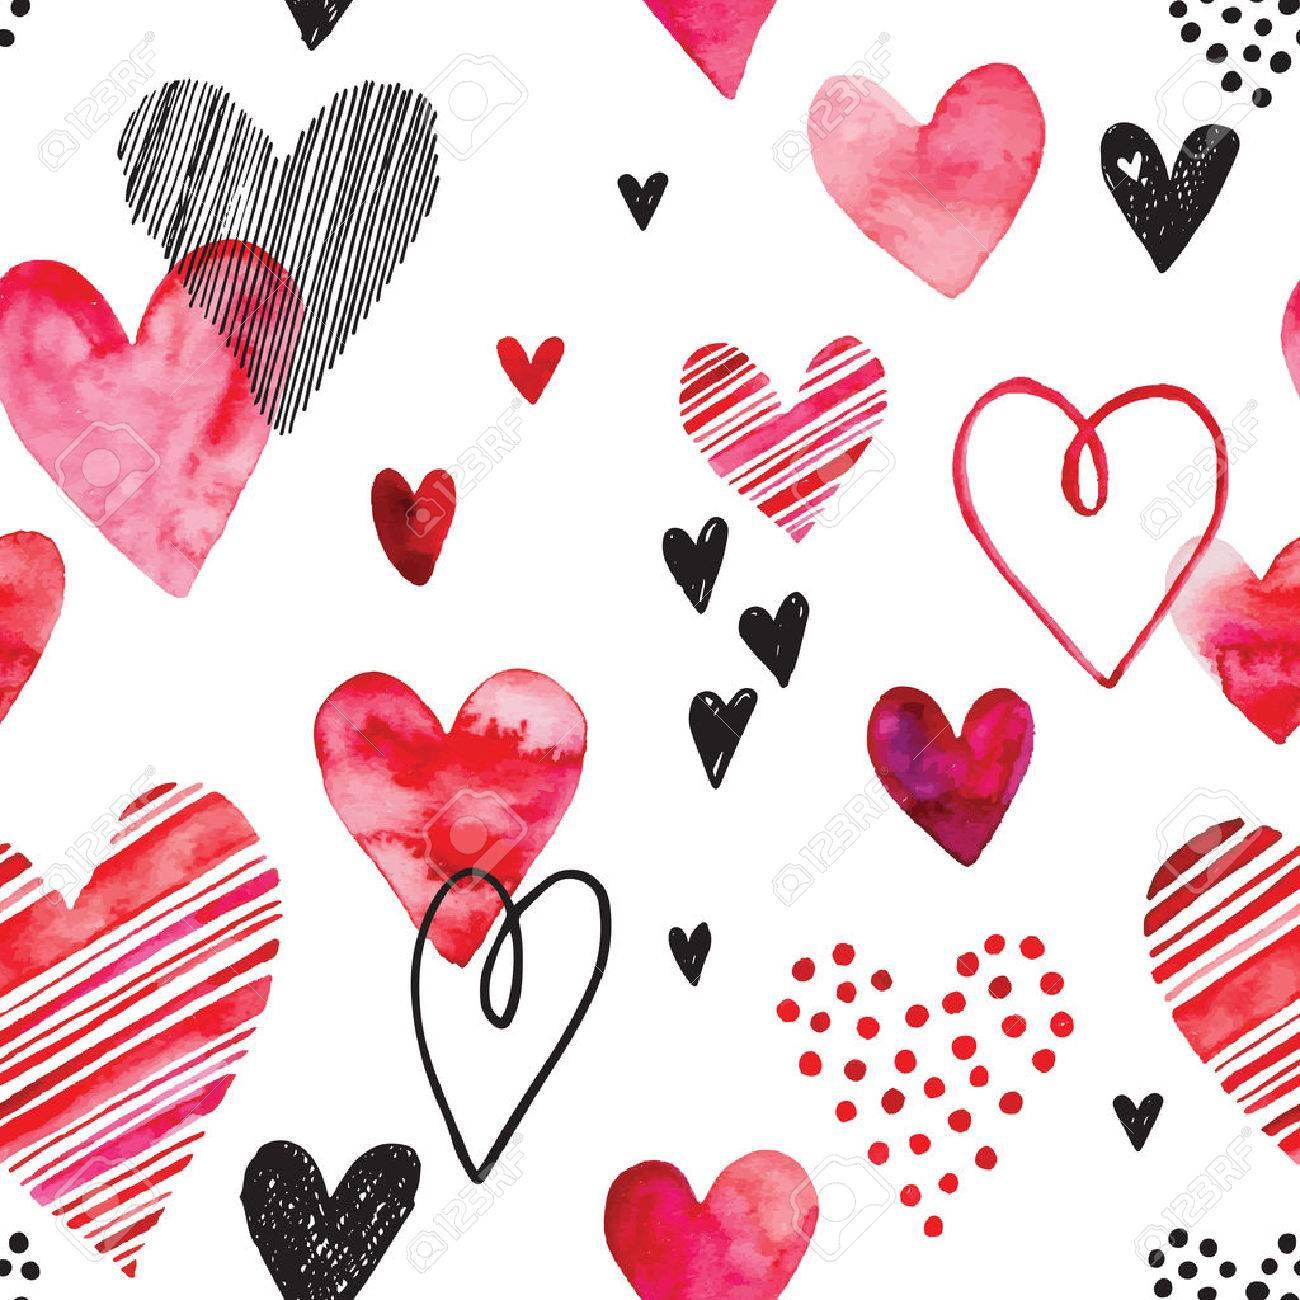 Herz Muster, Vektor Nahtlose Hintergrund. Kann Für Hochzeit, Einladung,  Karte Für